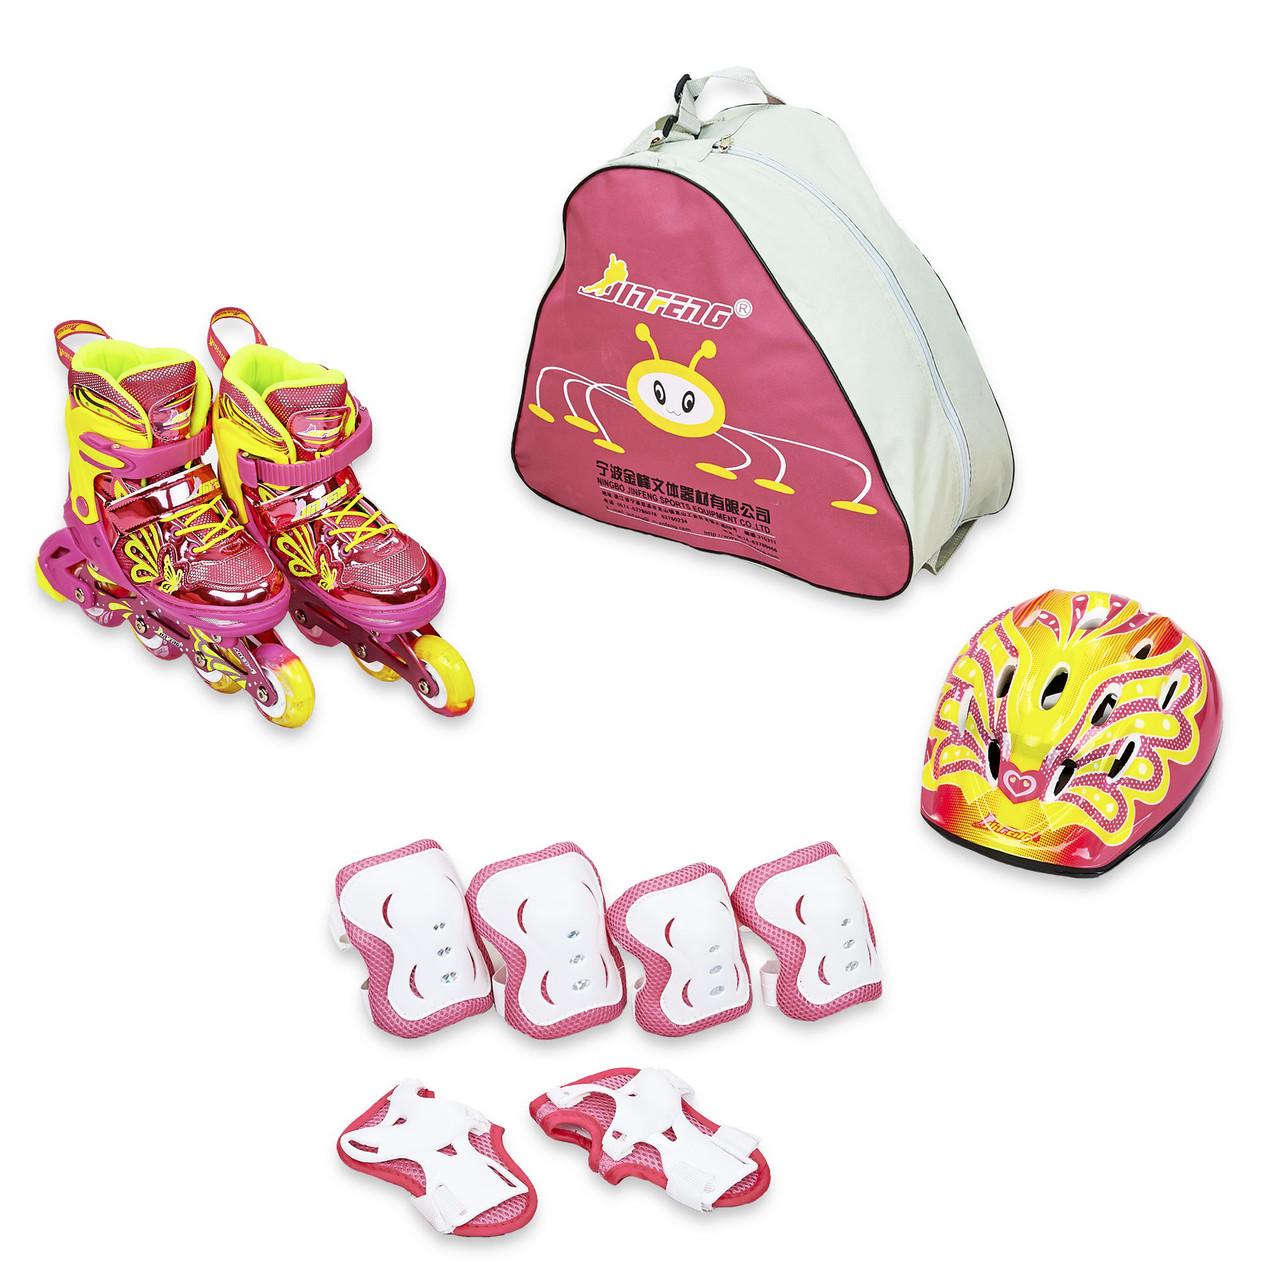 Розсувні роликові ковзани дитячі в наборі захист, шолом, сумка JINGFENG 189 (S (31-34), Рожевий)